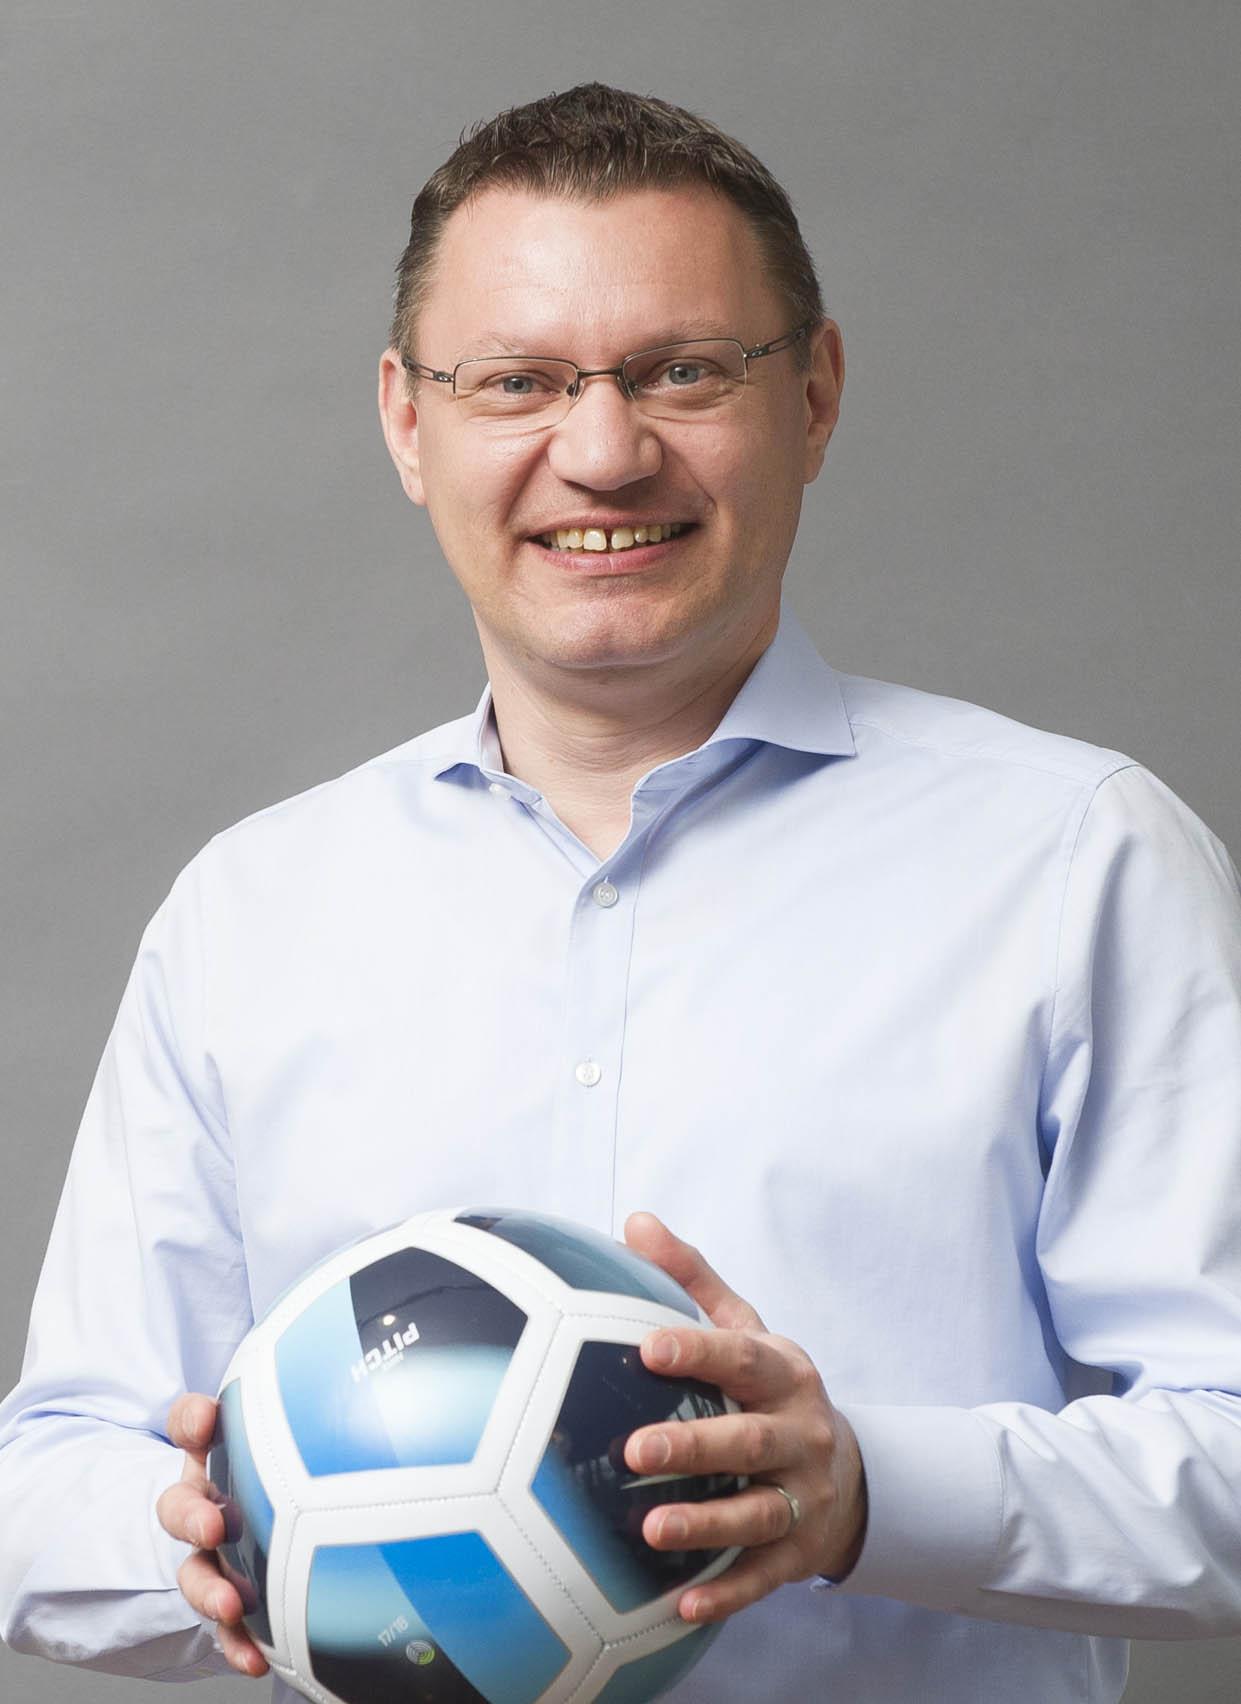 Christian Mombaur